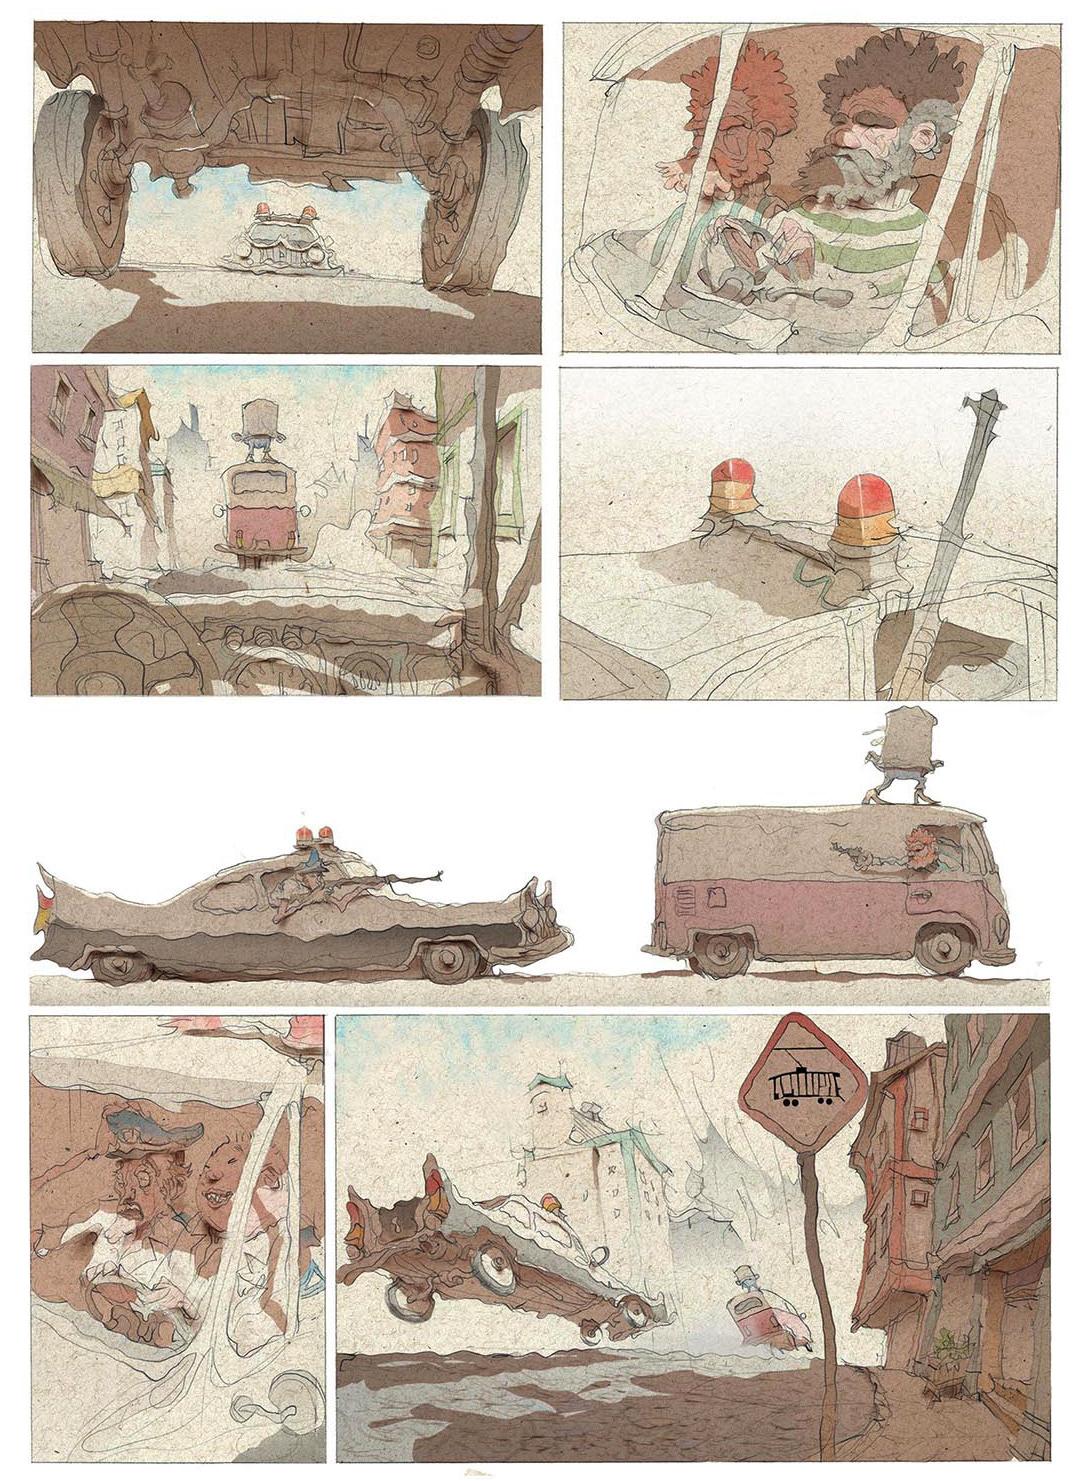 bande dessinée comic quadrinho